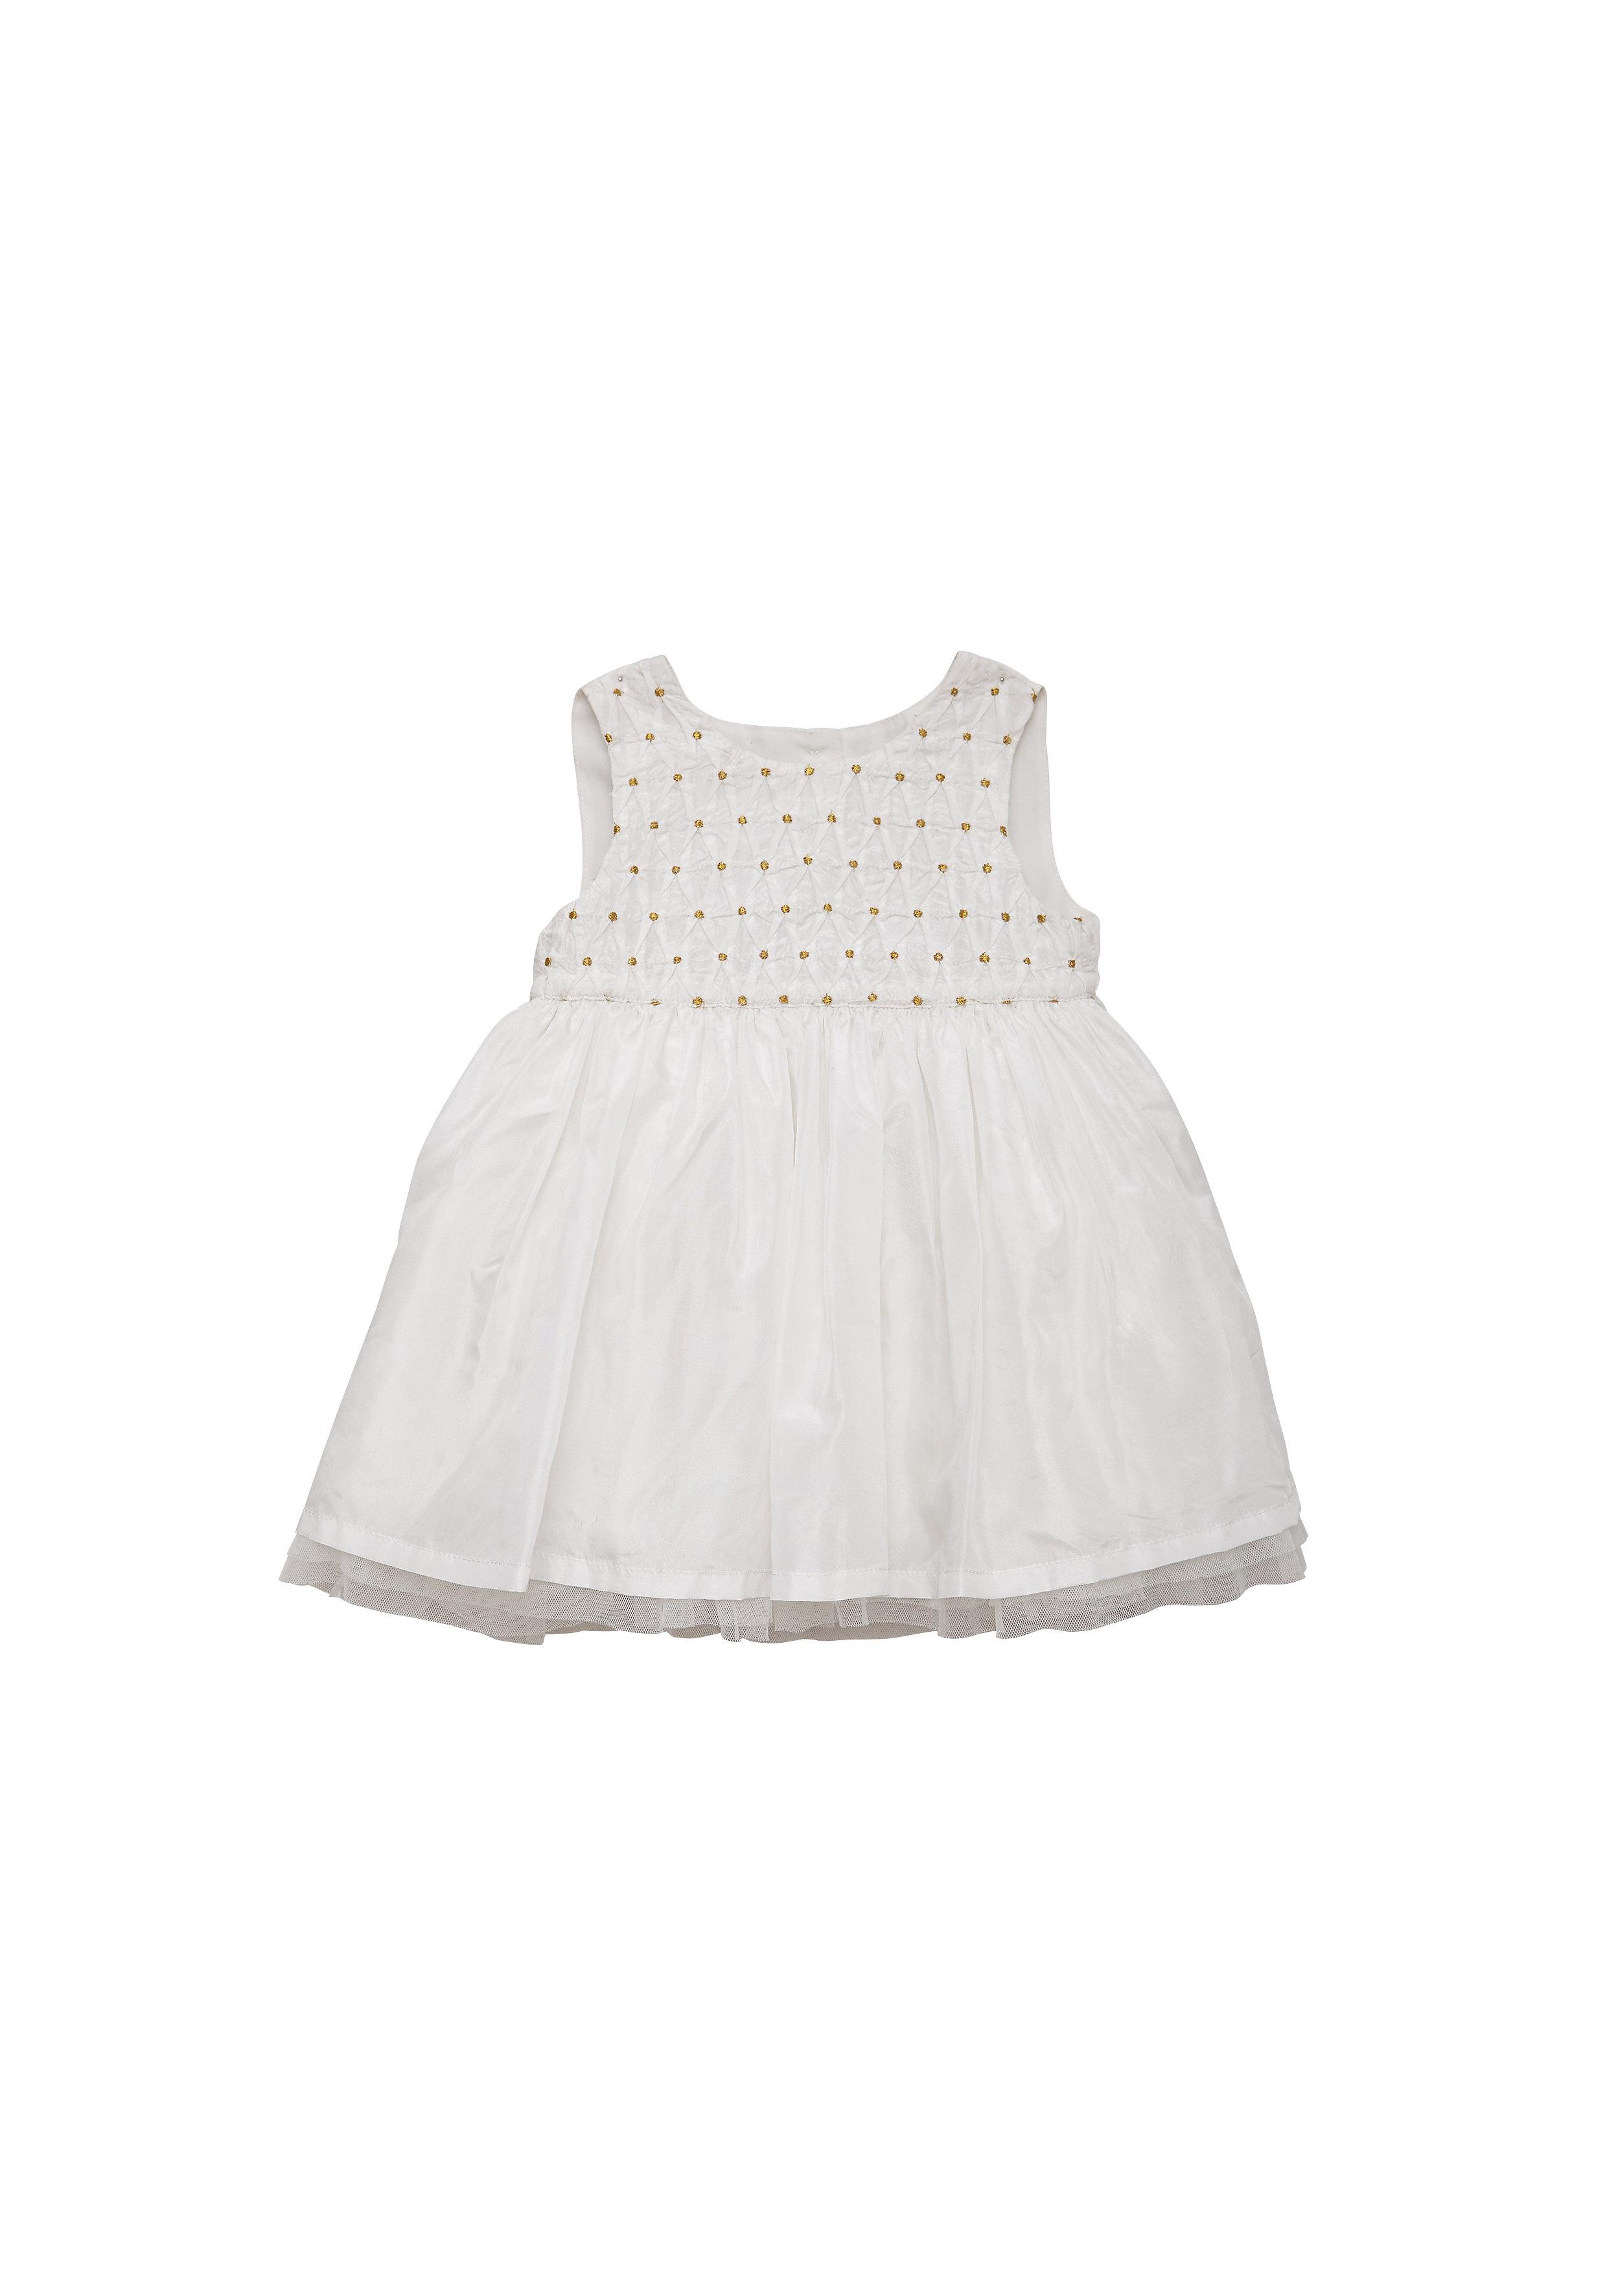 Mothercare | Girls Sleeveless Partywear Dress Smocking - White